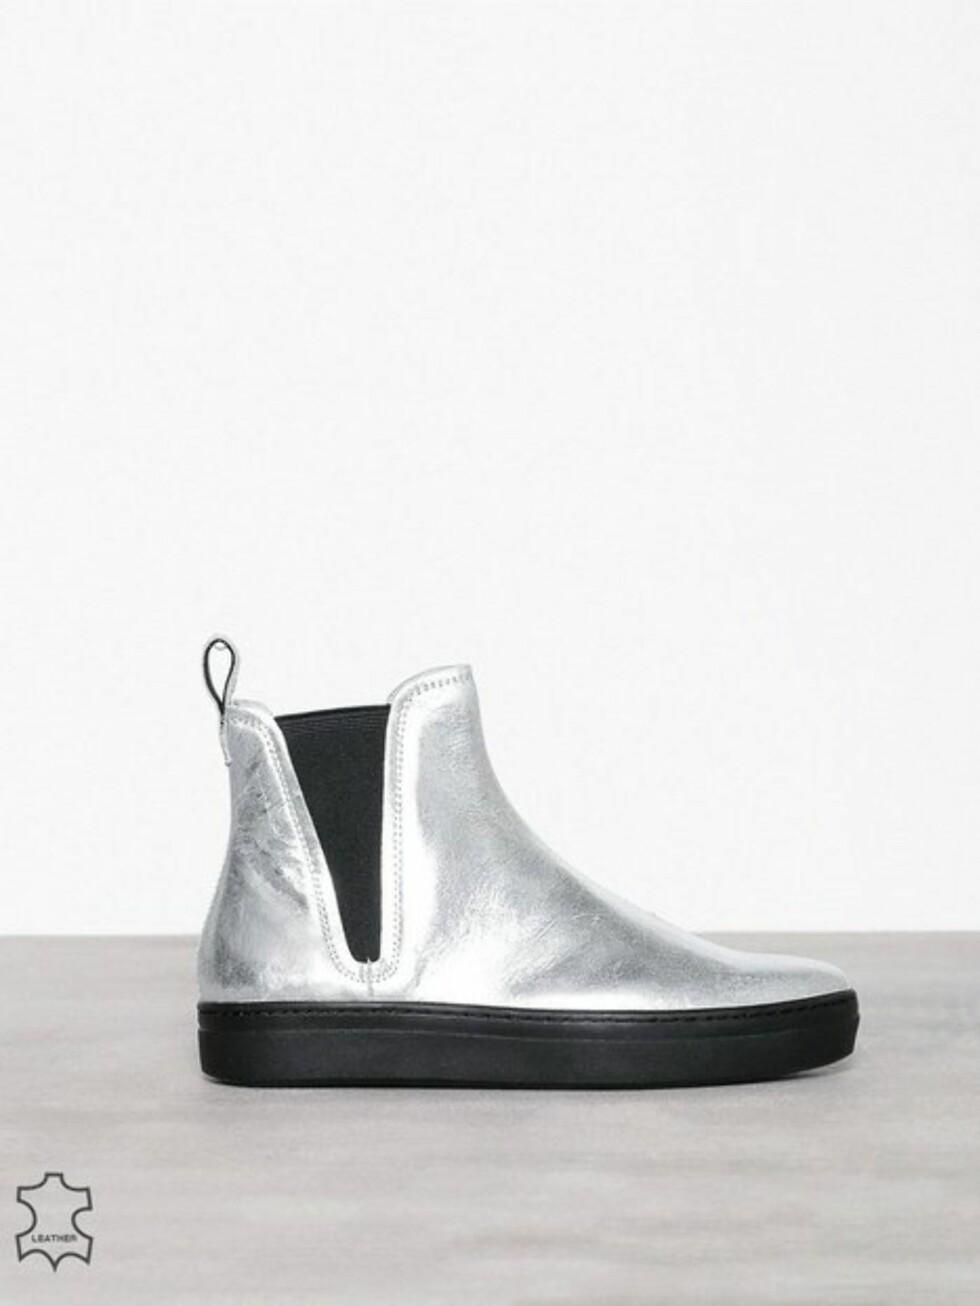 Sko fra Vagabond via Nelly.com |1199,-| https://nelly.com/no/kl%C3%A6r-til-kvinner/sko/boots-booties/vagabond-978/camille-978412-0026/